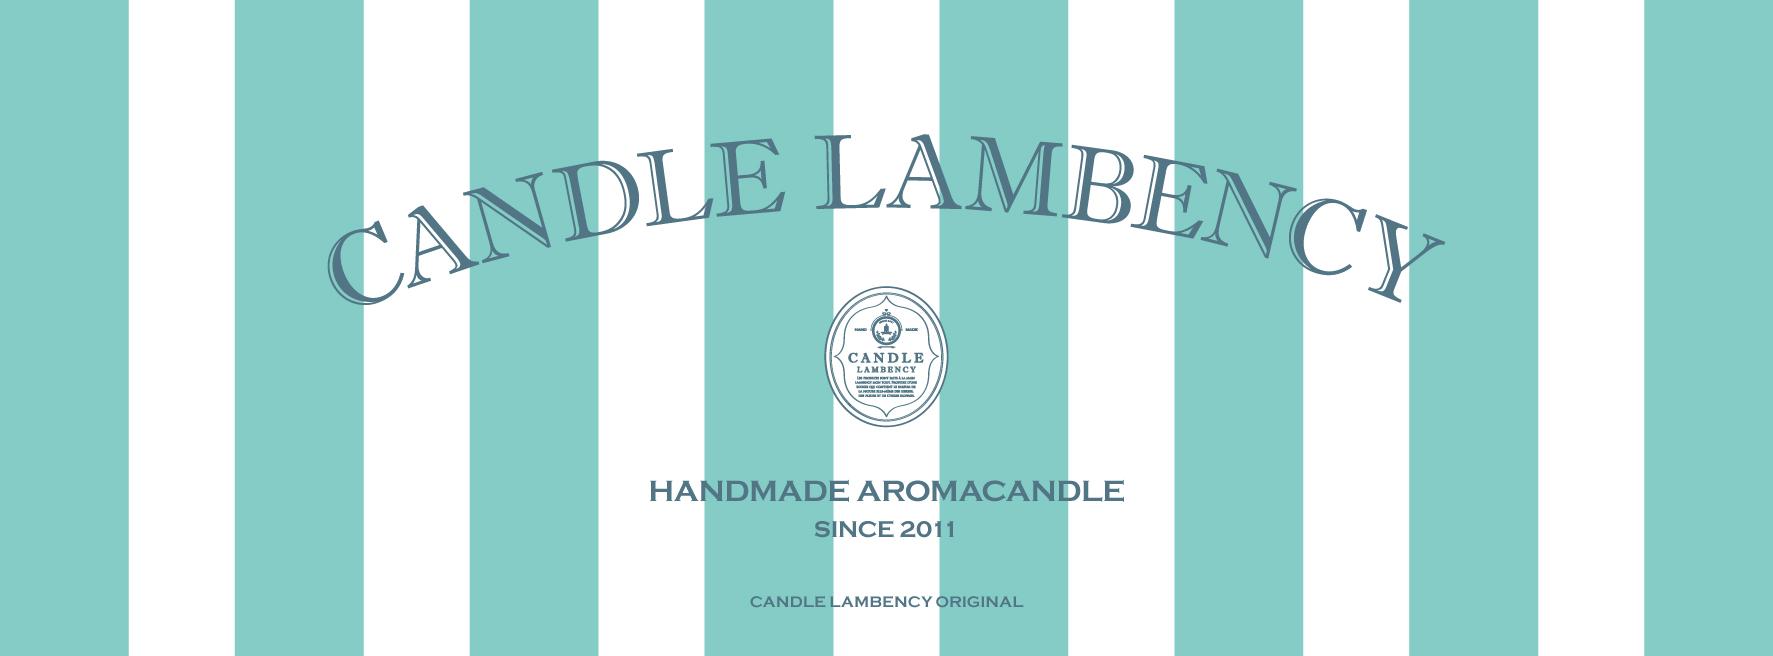 CANDLE LAMBENCY